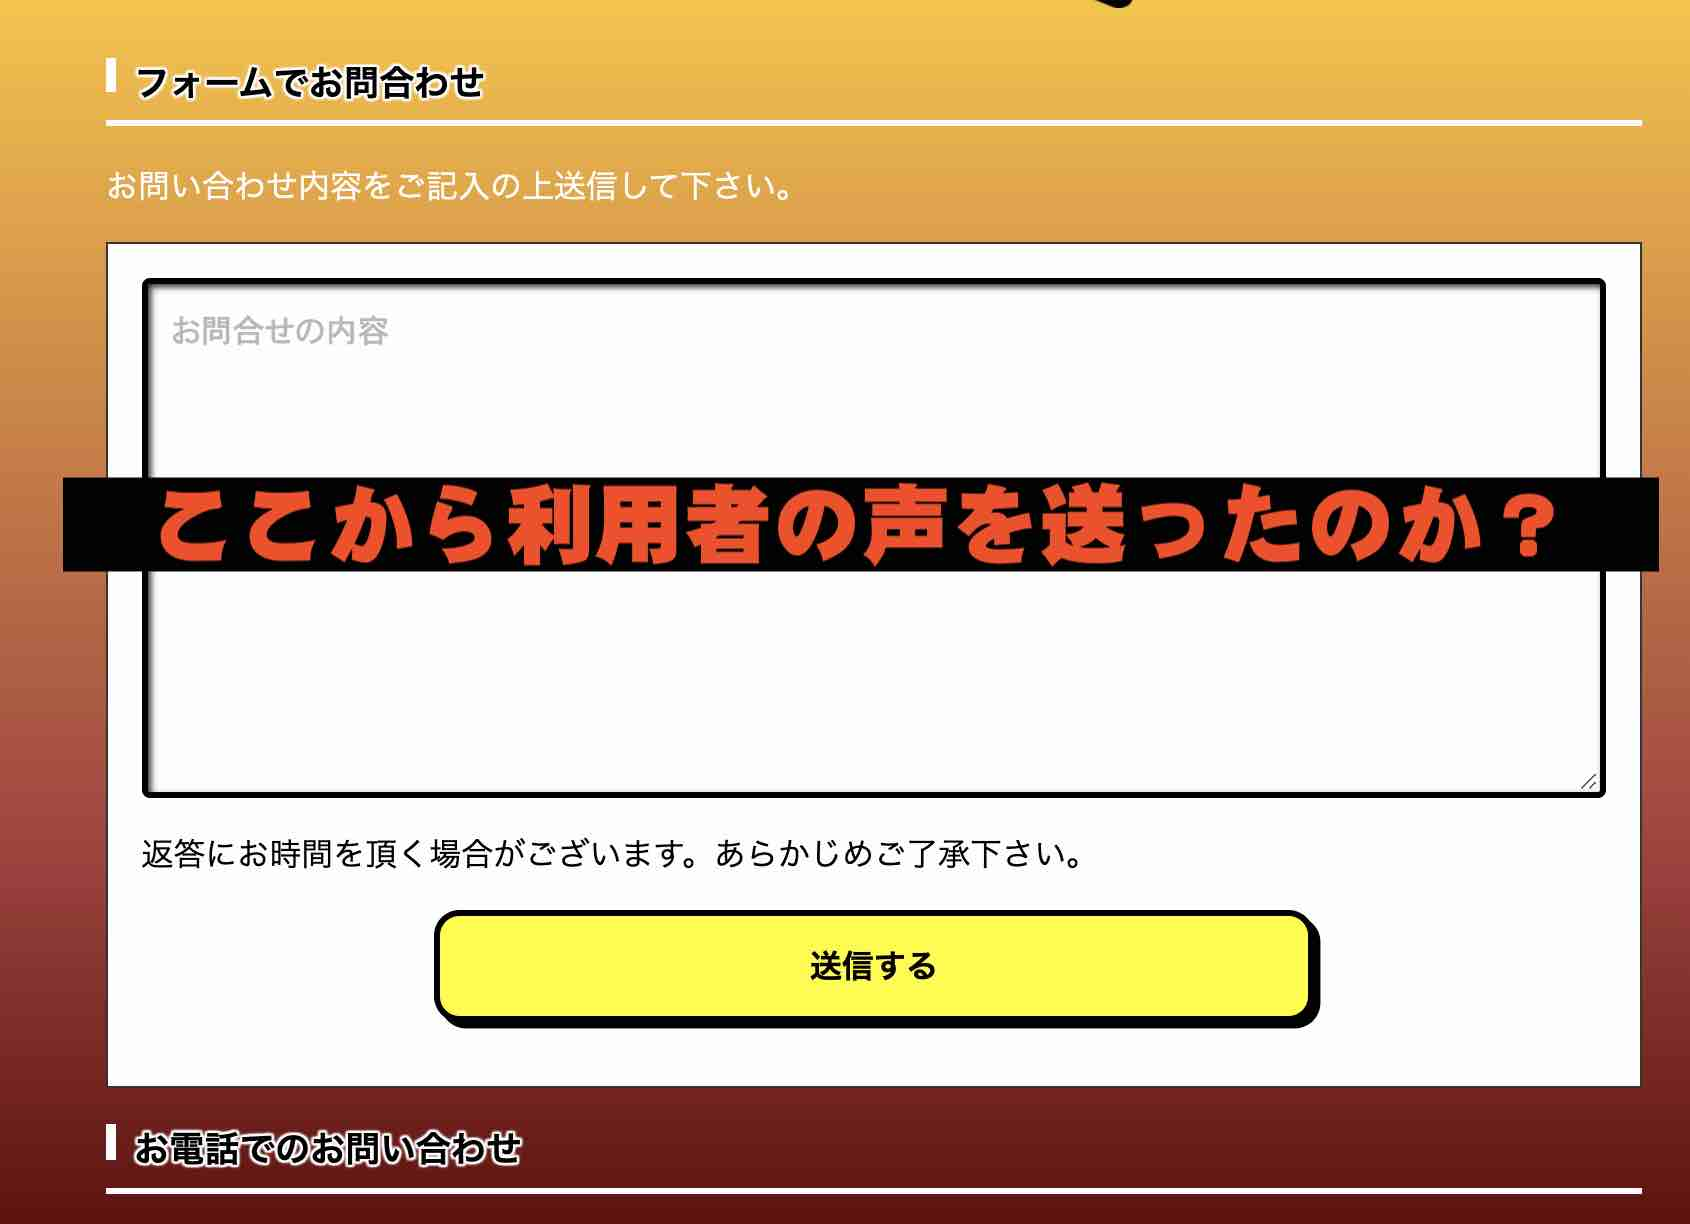 競艇サラリーマンという競艇予想サイト(ボートレース予想サイト)の問い合わせを送る?